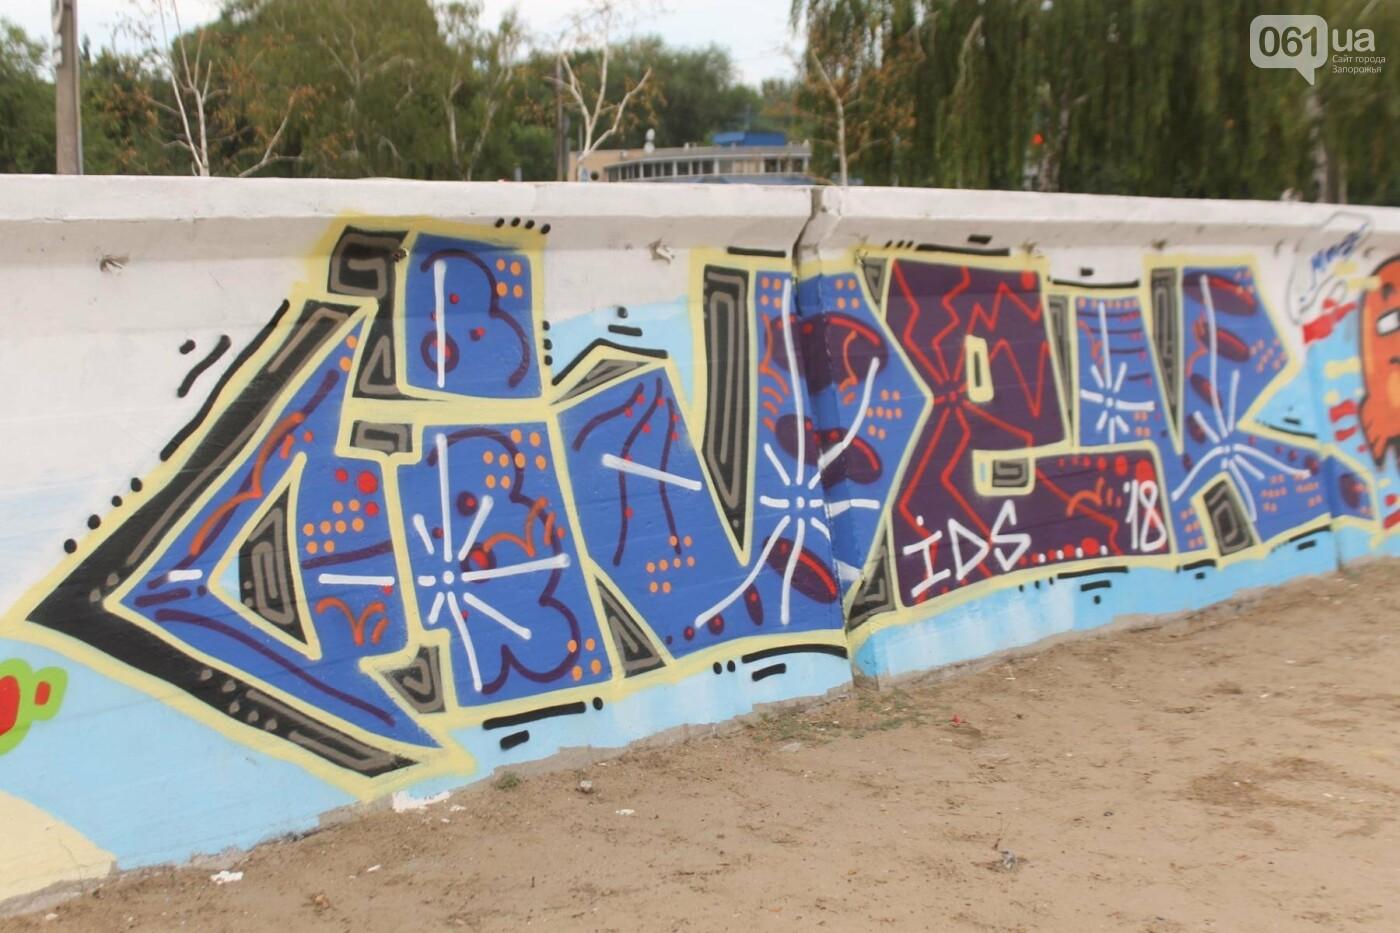 В Запорожье на пляже закончился фестиваль граффити: разрисовали 150 метров бетонной стены, – ФОТОРЕПОРТАЖ, фото-18